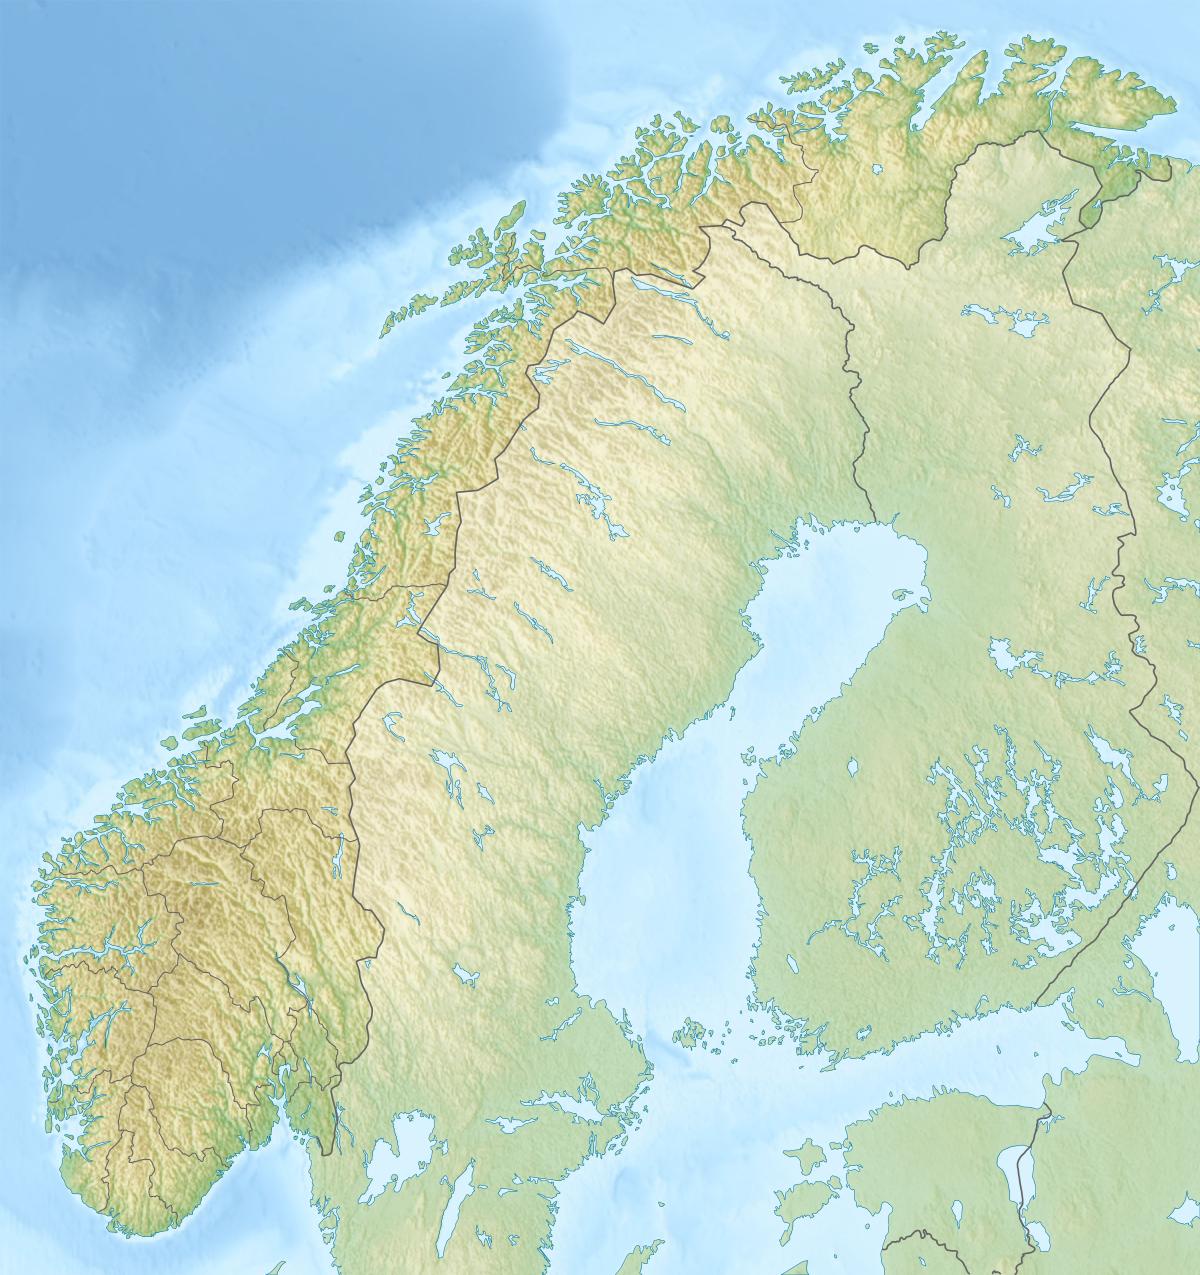 kart norge gratis Frigir kartdata fra i dag | Huseierne kart norge gratis